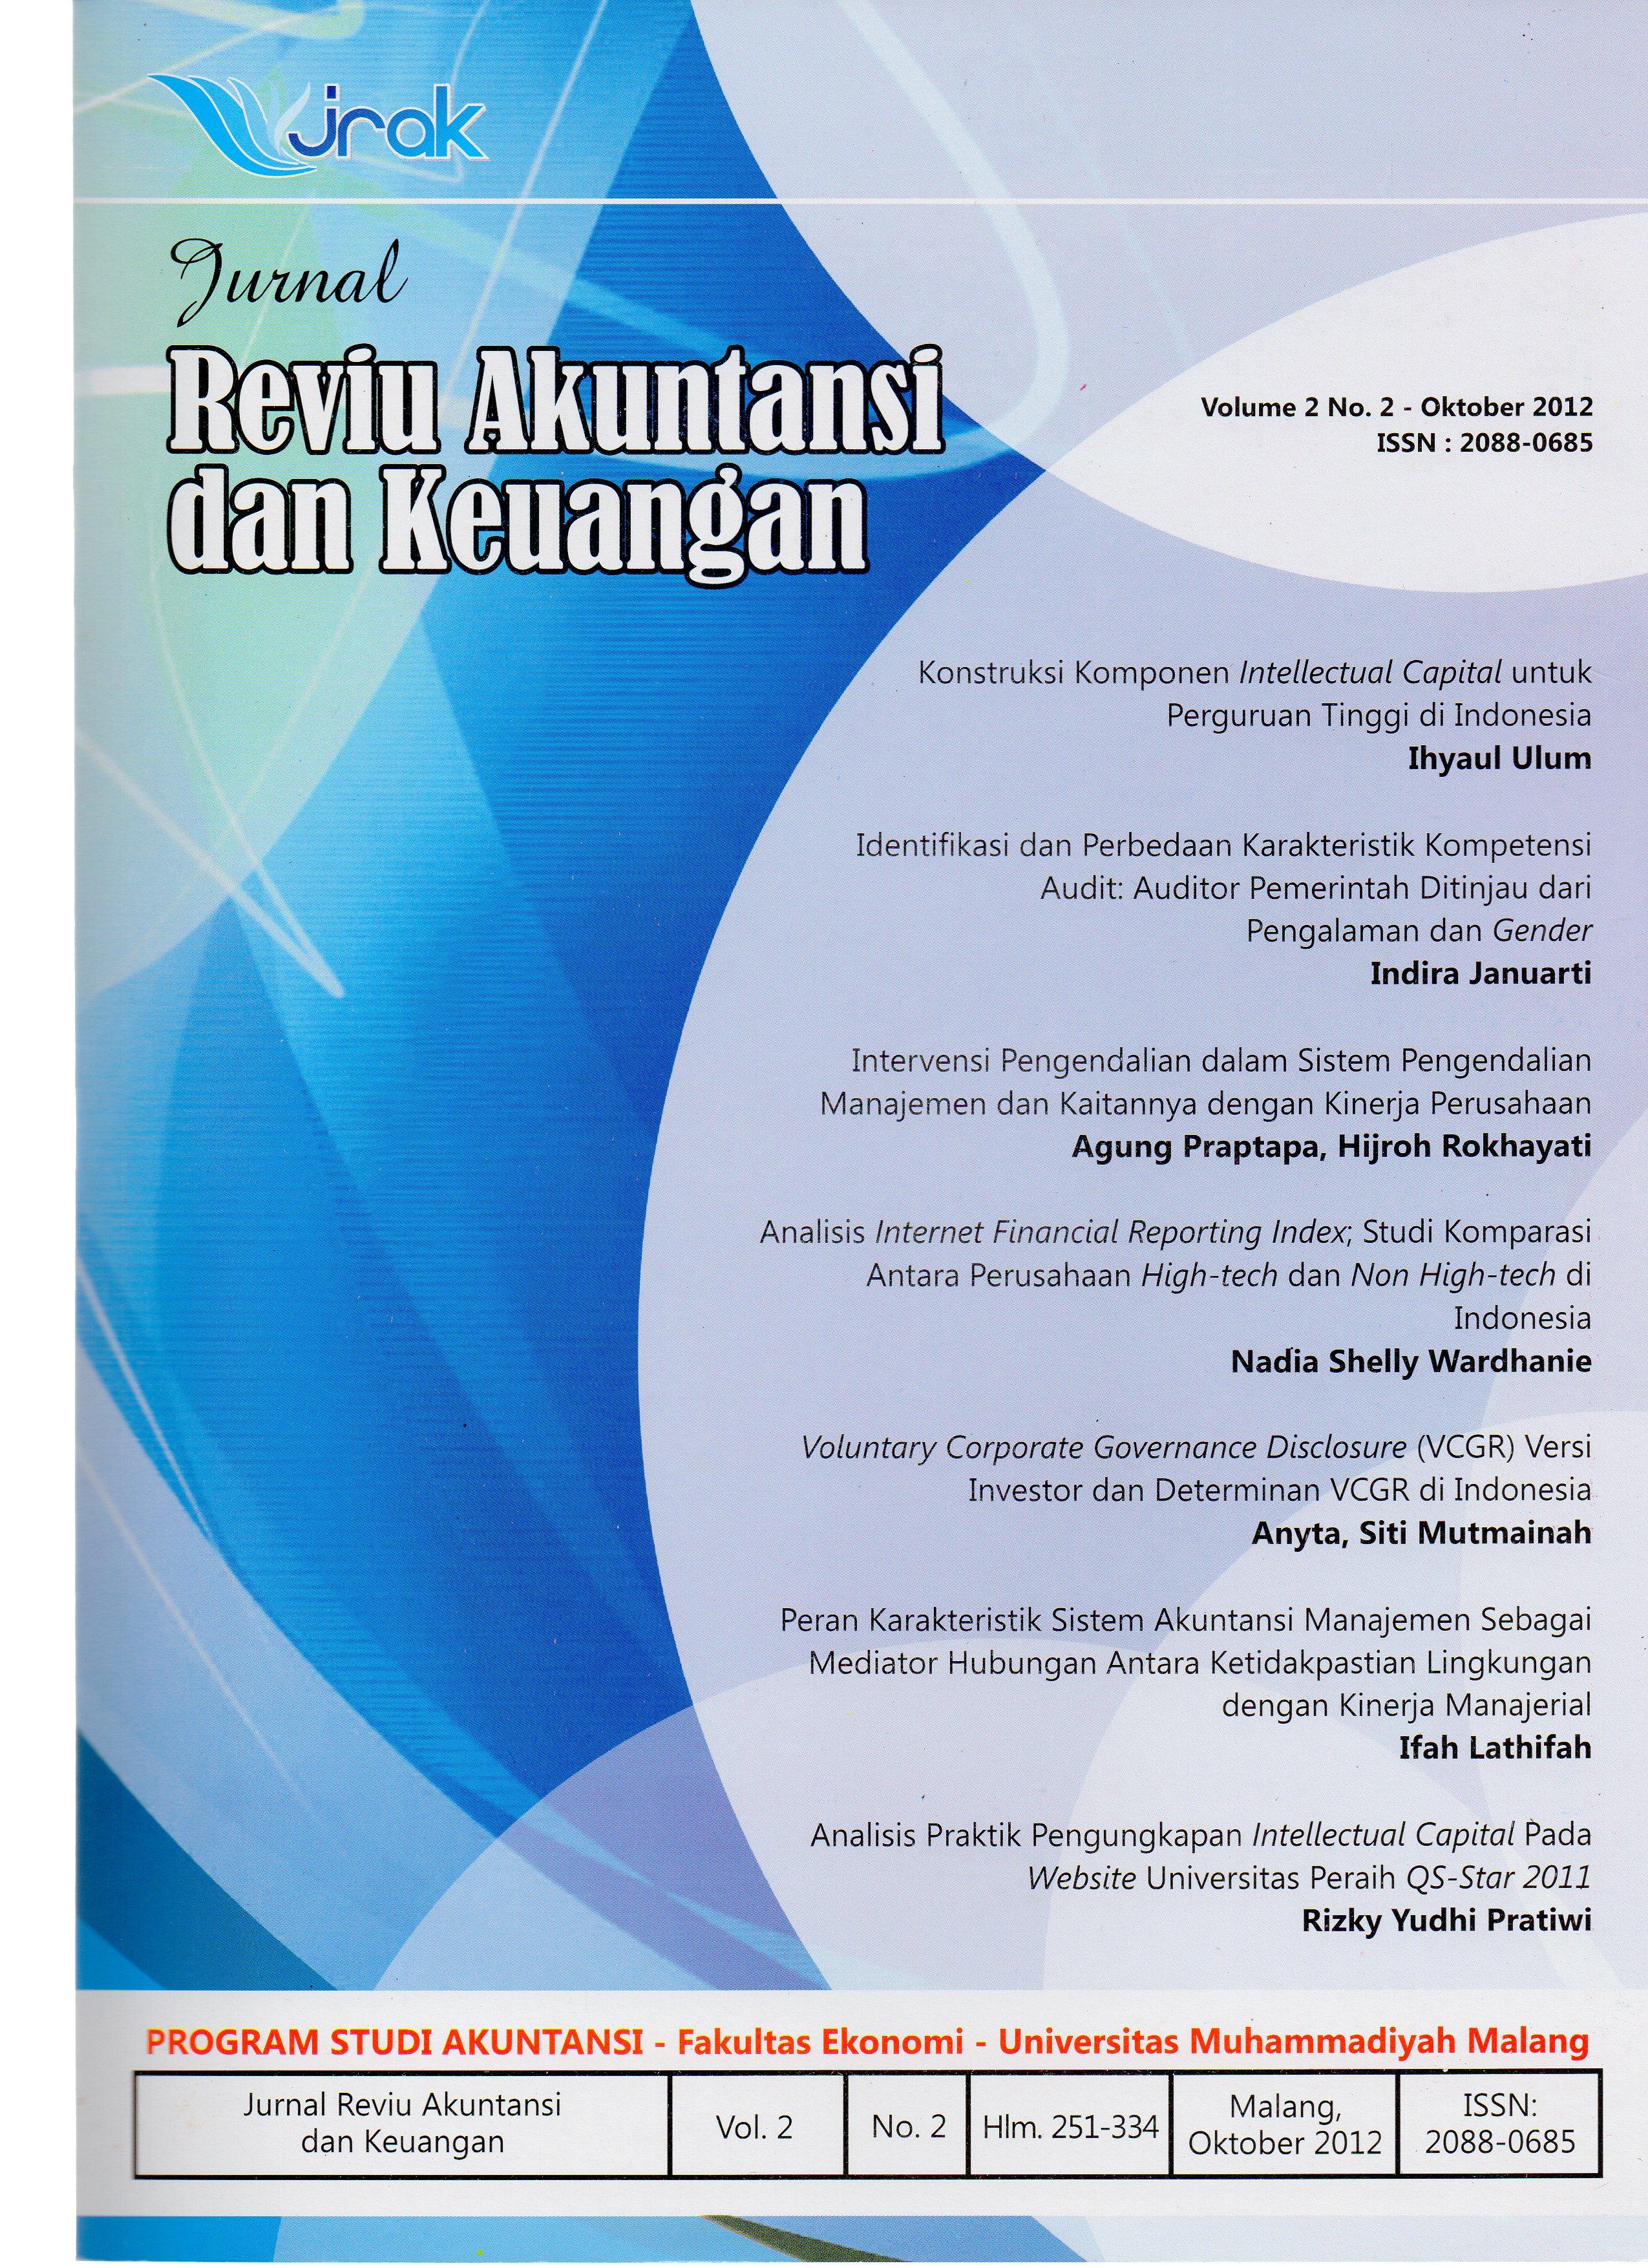 View Vol 2, No 2: Jurnal Reviu Akuntansi dan Keuangan